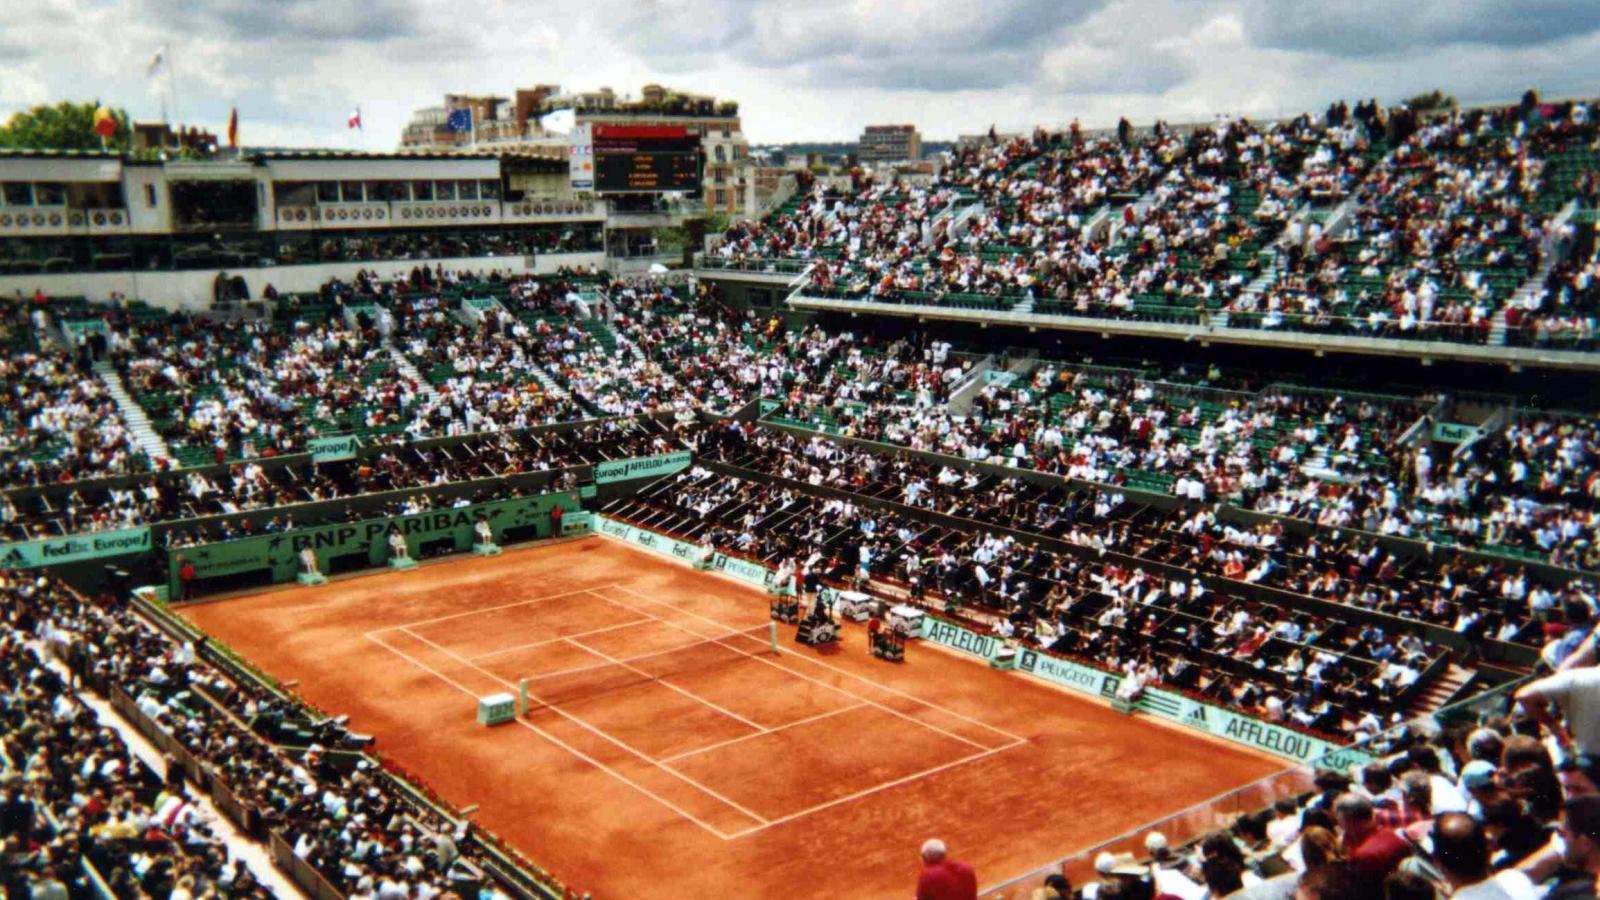 Balles jaunes sur terre rouge à Roland Garros